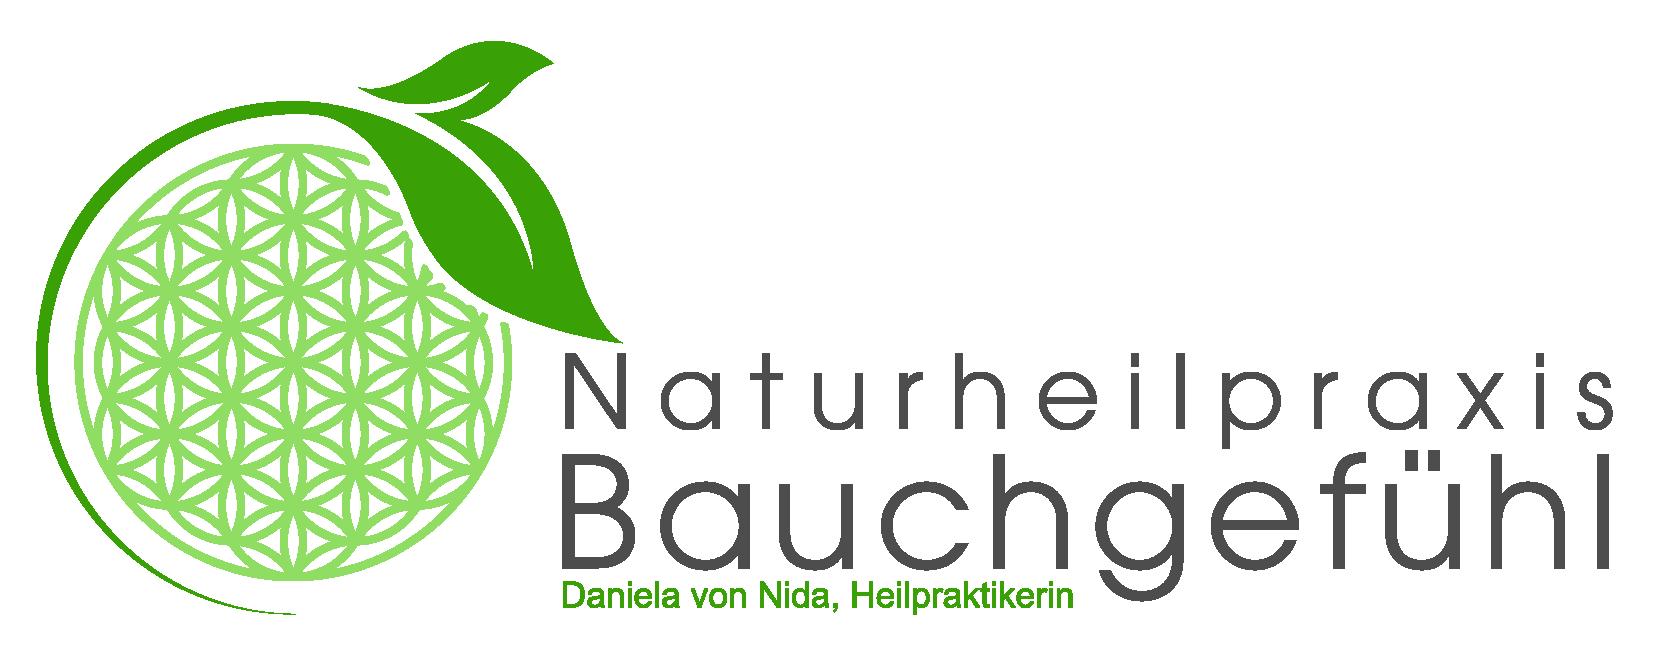 Naturheilpraxis Bauchgefühl